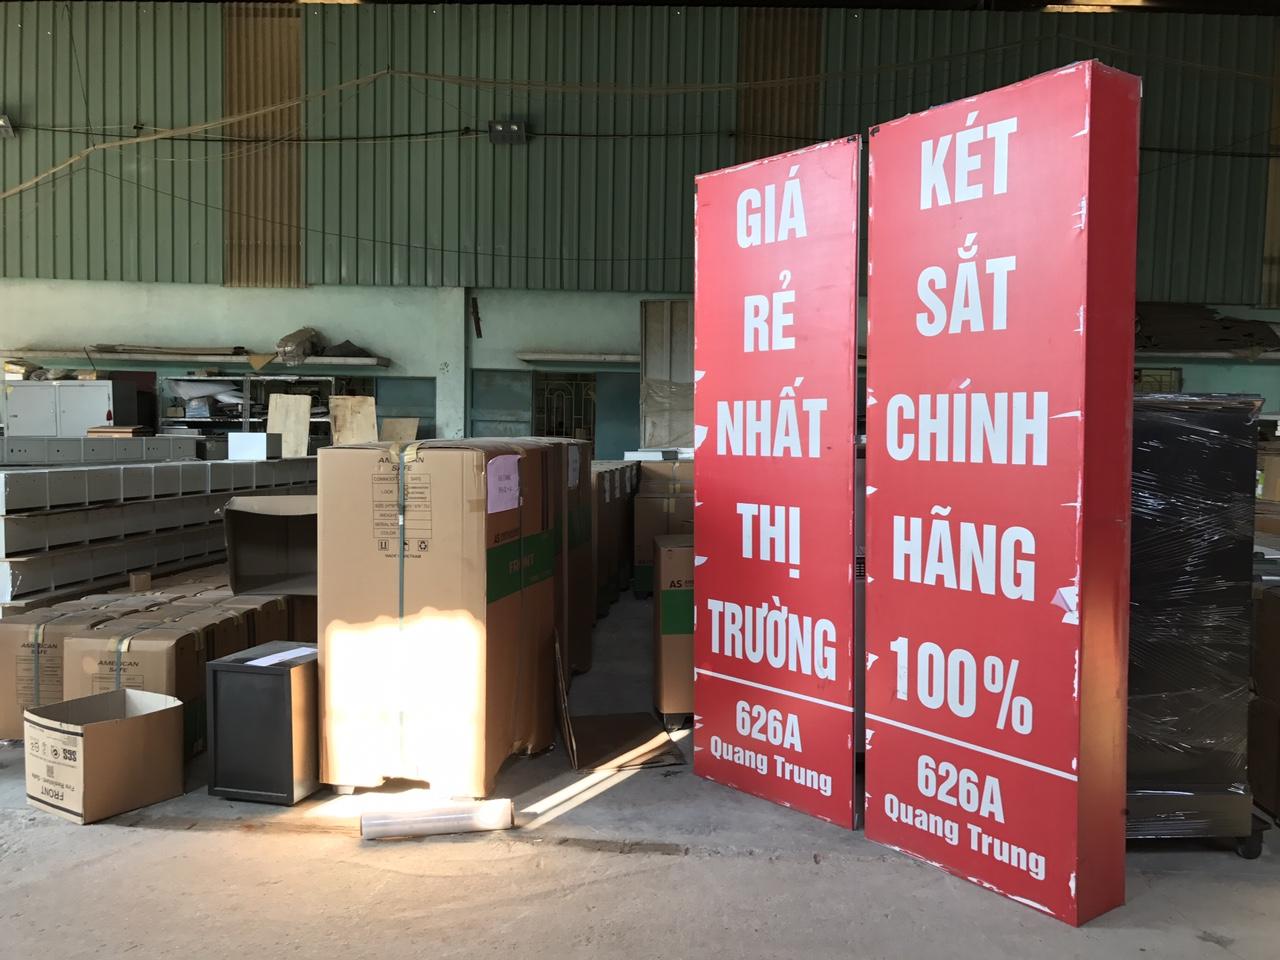 Địa chỉ bán két sắt tại Đà Nẵng uy tín, bảo hành tốt